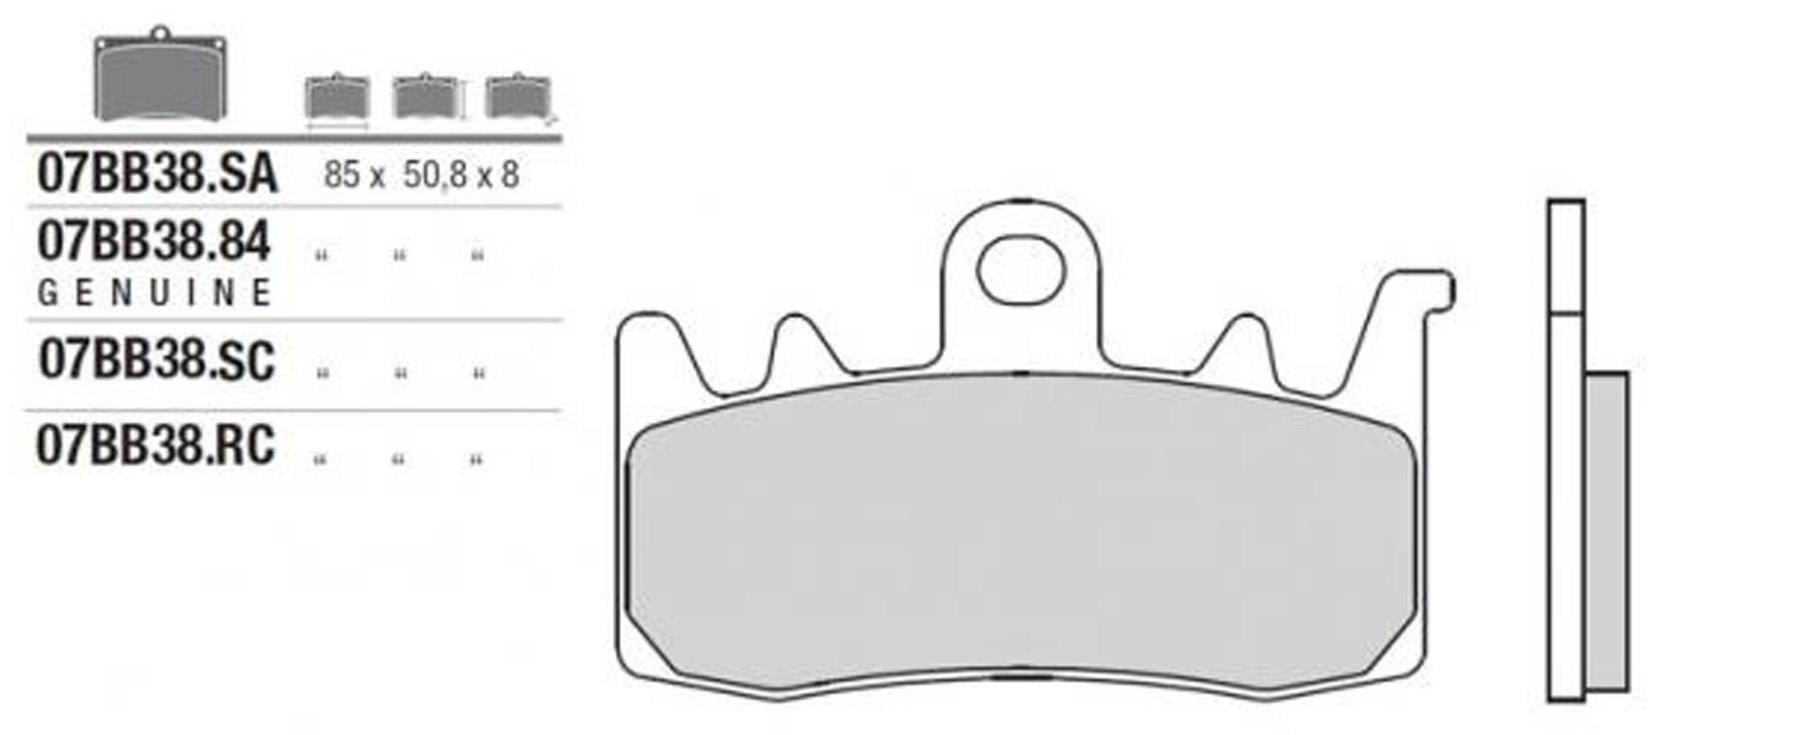 BMW R1200rt R1200s R1200rt Edelstahl Stahl Vorne Bremssattel Bremsbelag Stift